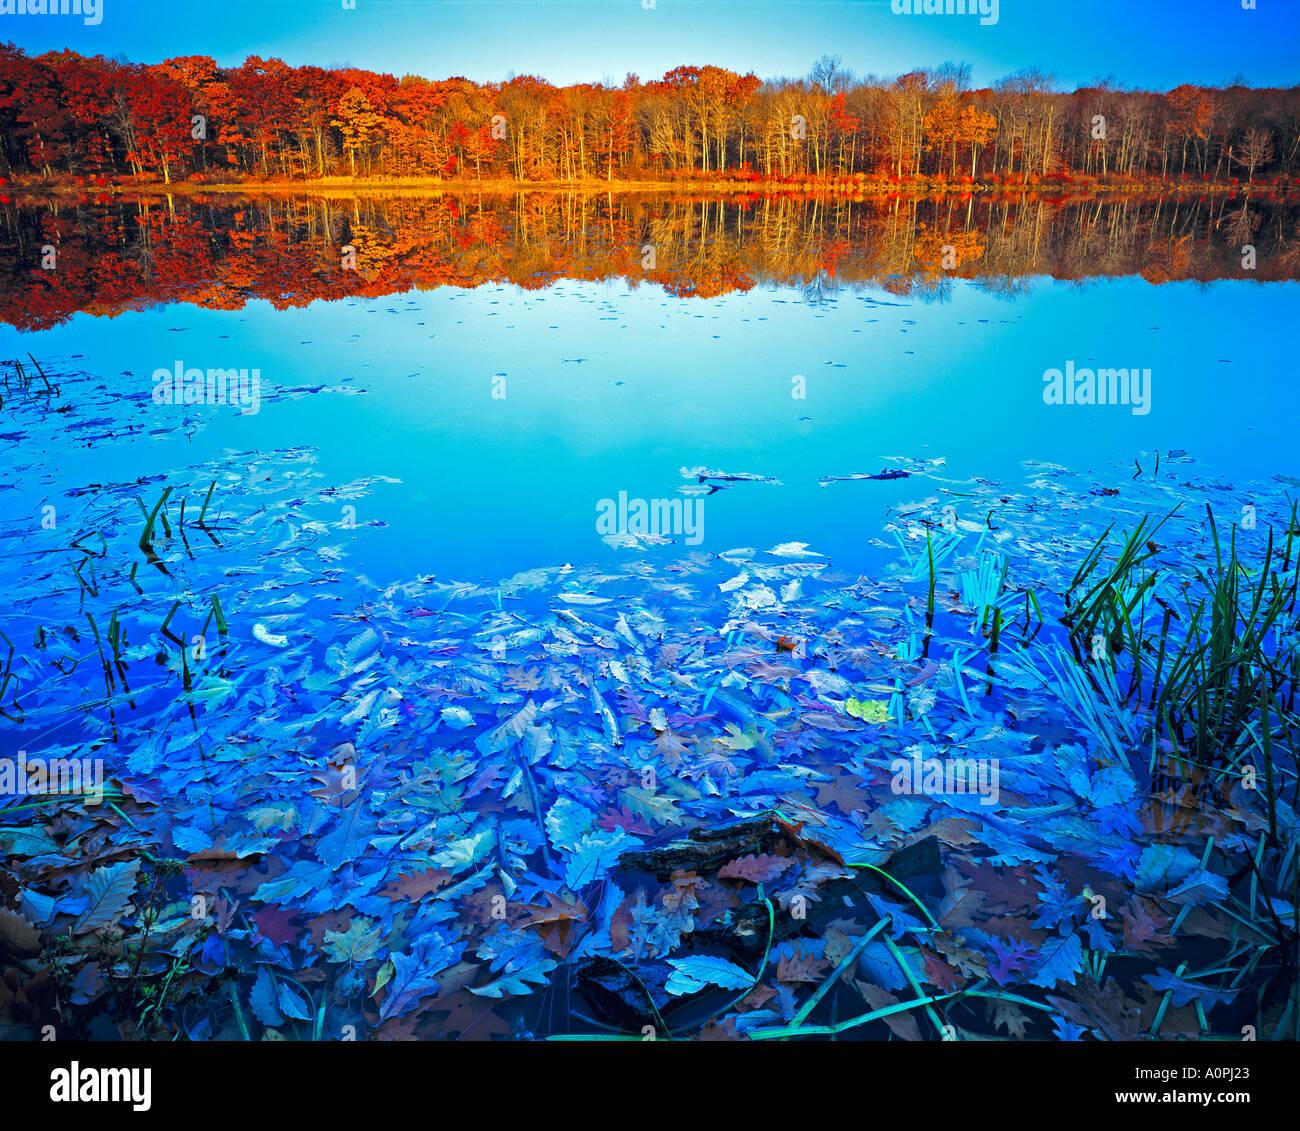 Herbst Farben Reflexionen Stokes Staatswald Appalachen New Jersey Stockbild